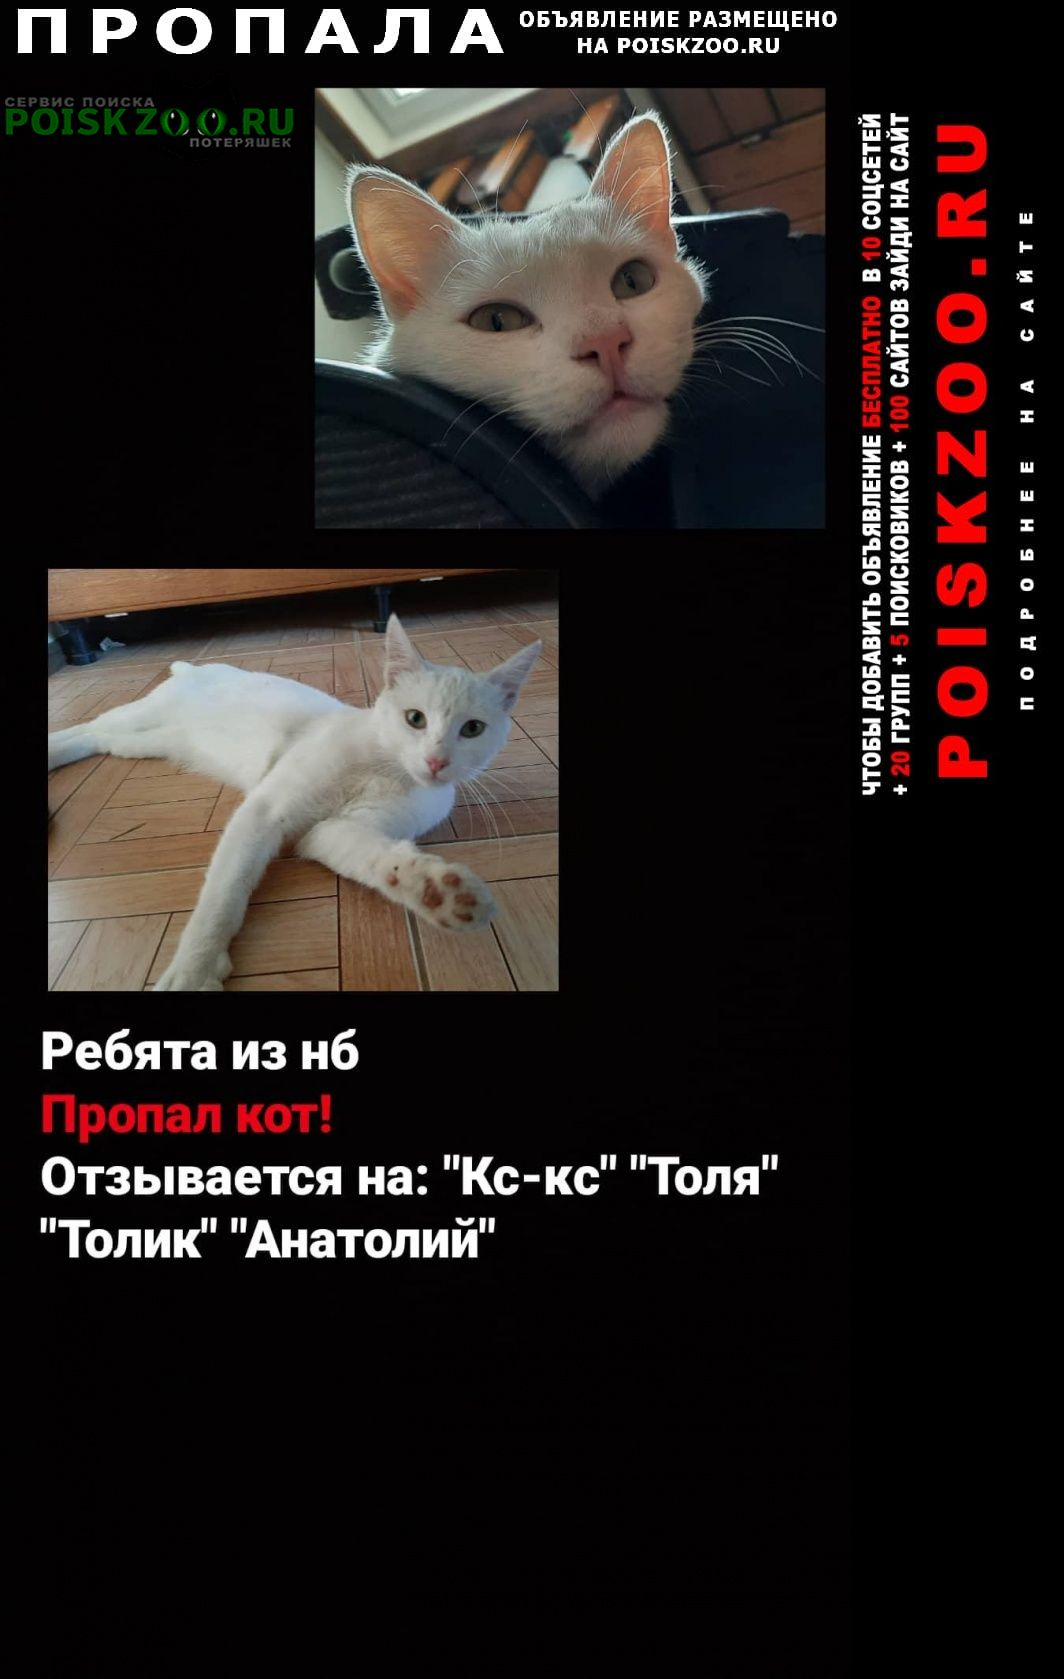 Пропал кот в посёлке новоберезанском. Кореновск